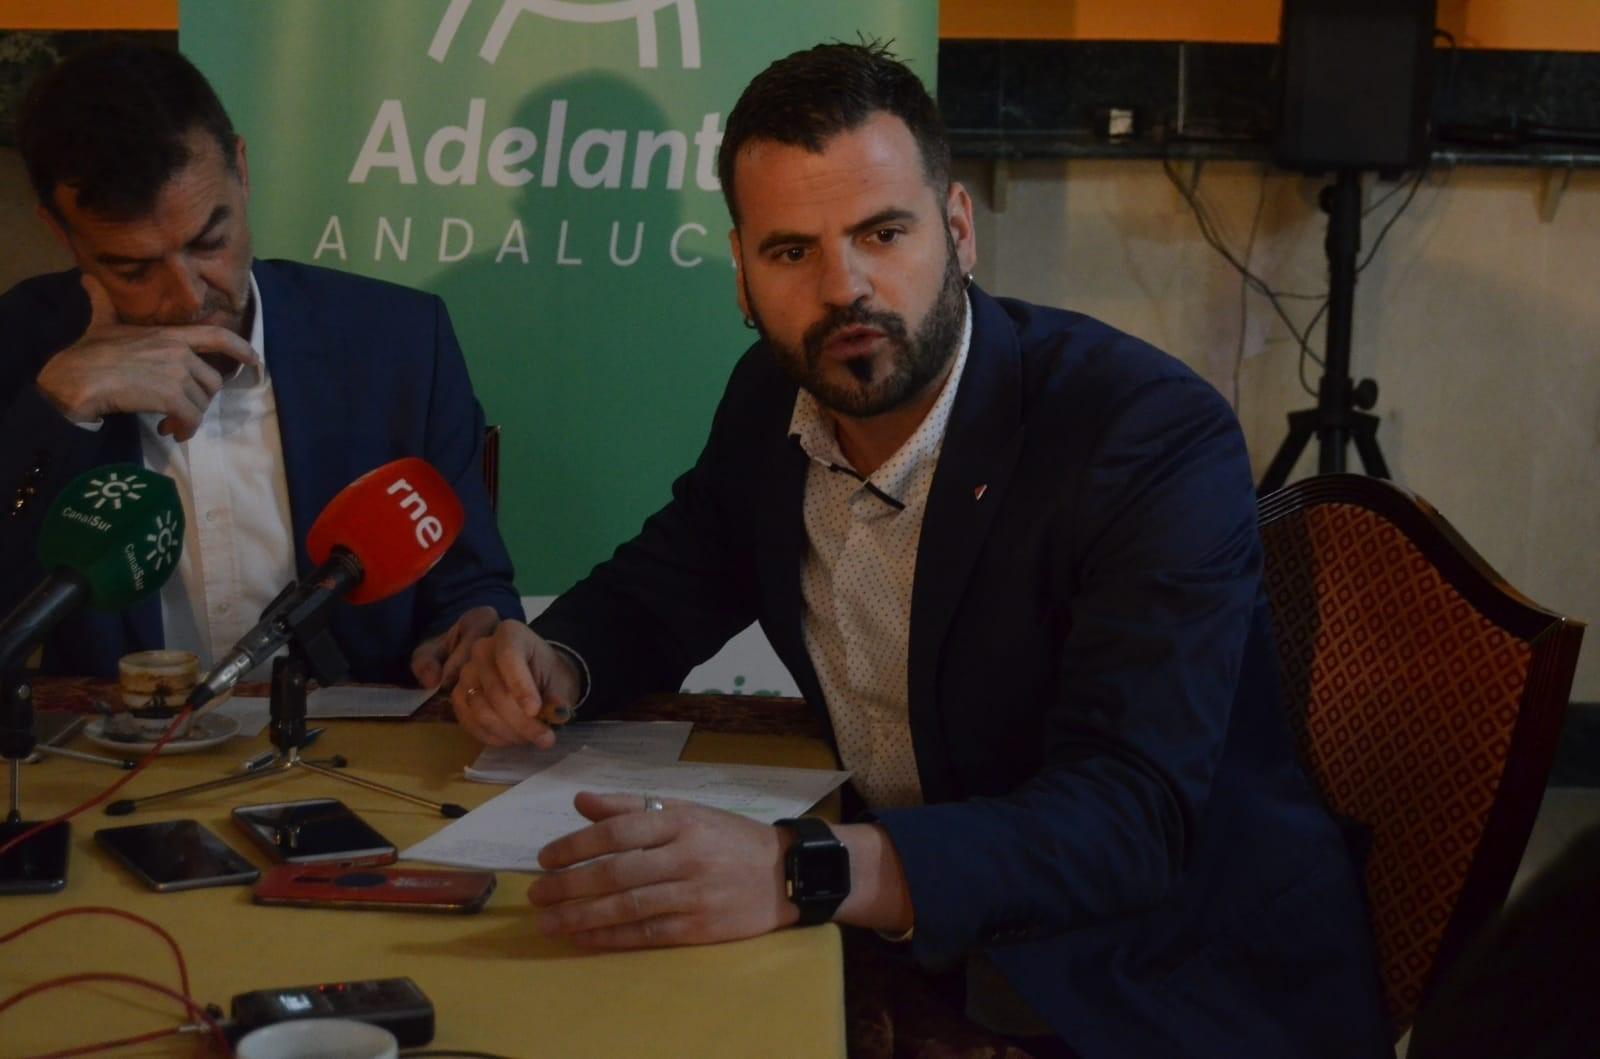 Adelante cambia a su representante en la Mesa del Parlamento y elige al granadino Jesús Fernández